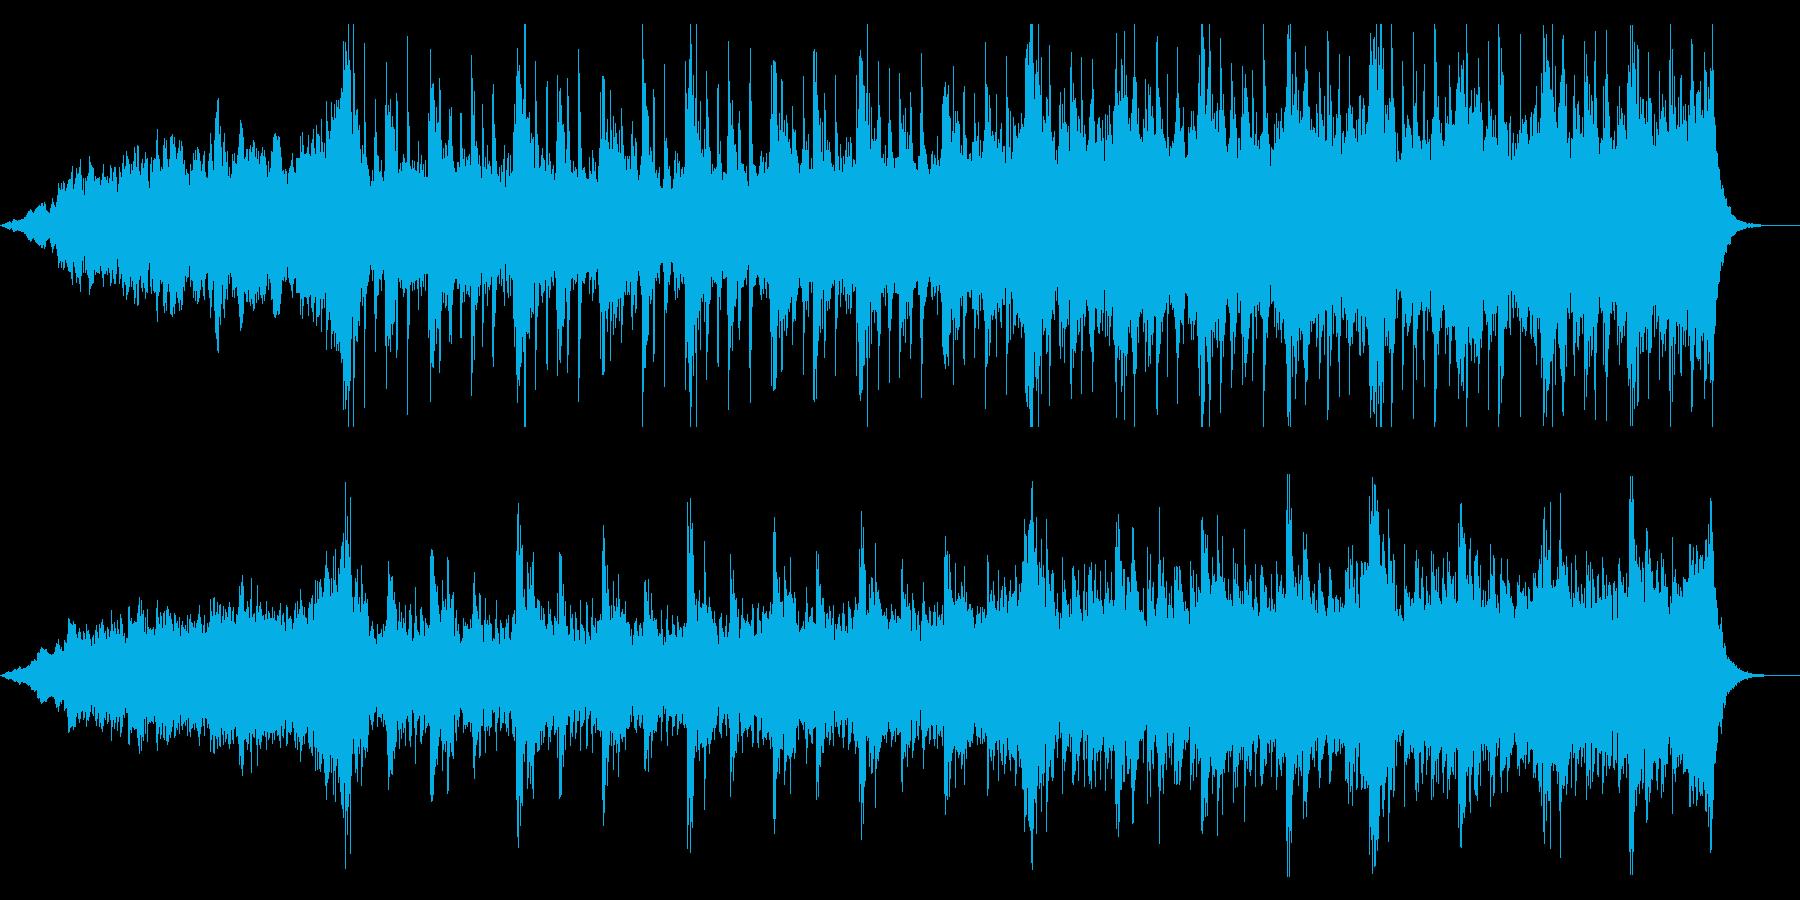 宇宙を感じさせる映画音楽風BGMの再生済みの波形